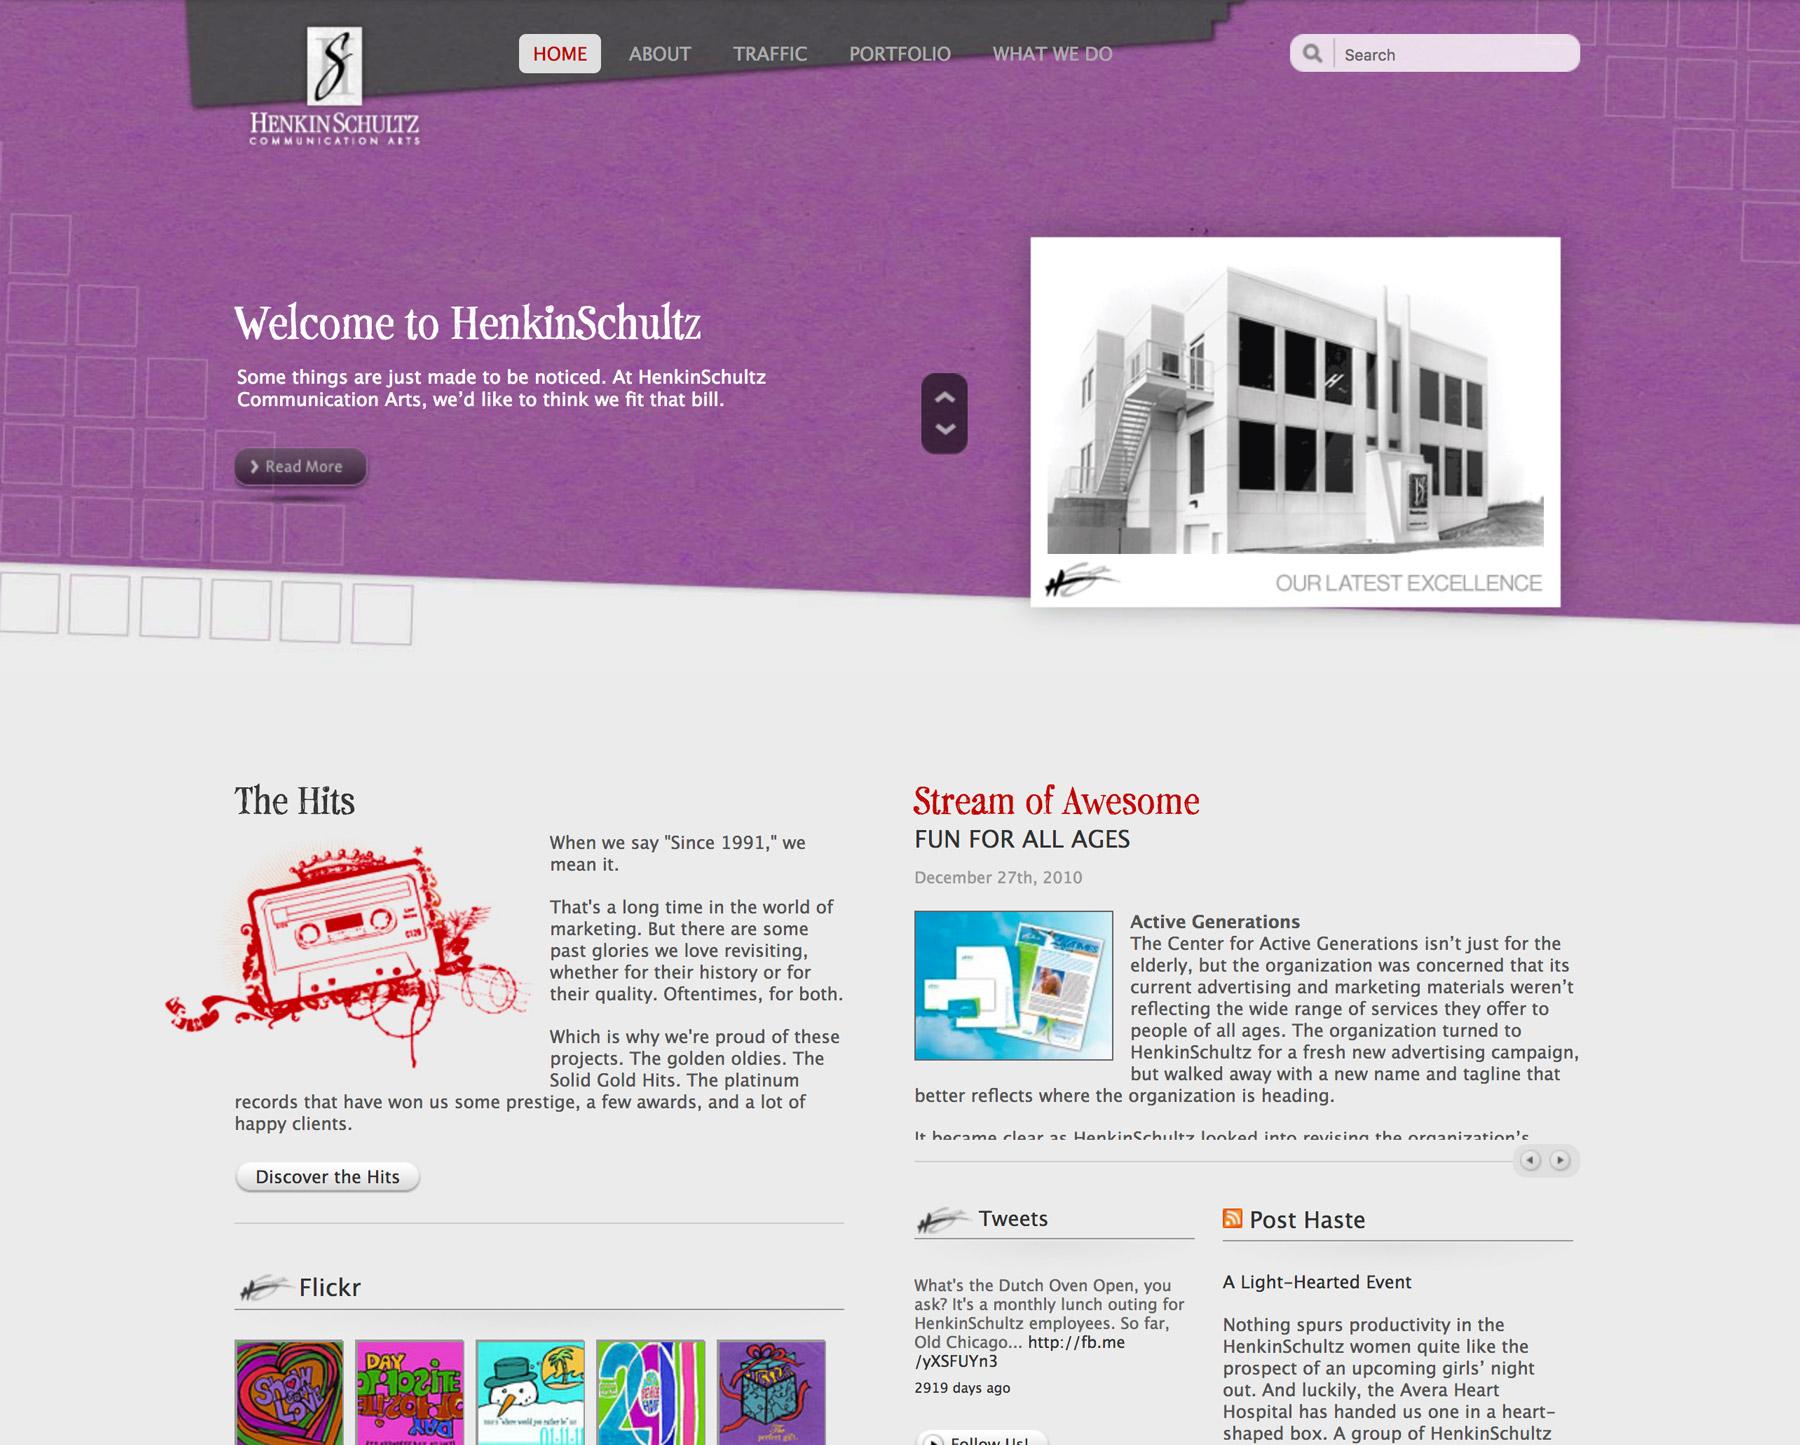 henkinschultz.com in 2011